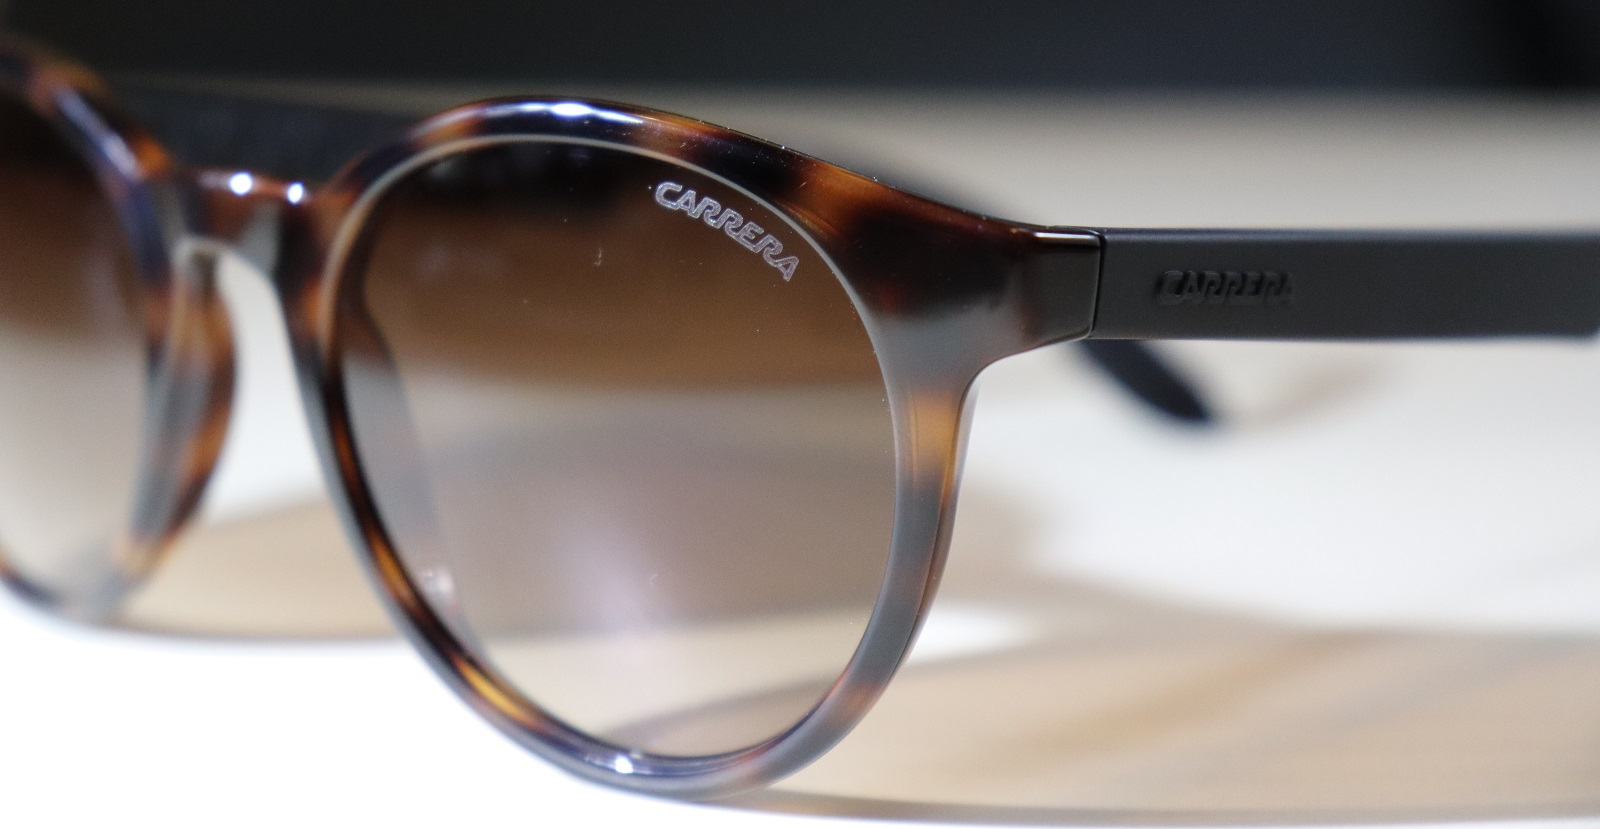 Odhaľte falošné slnečné okuliare Carrera - skontrolujte logo